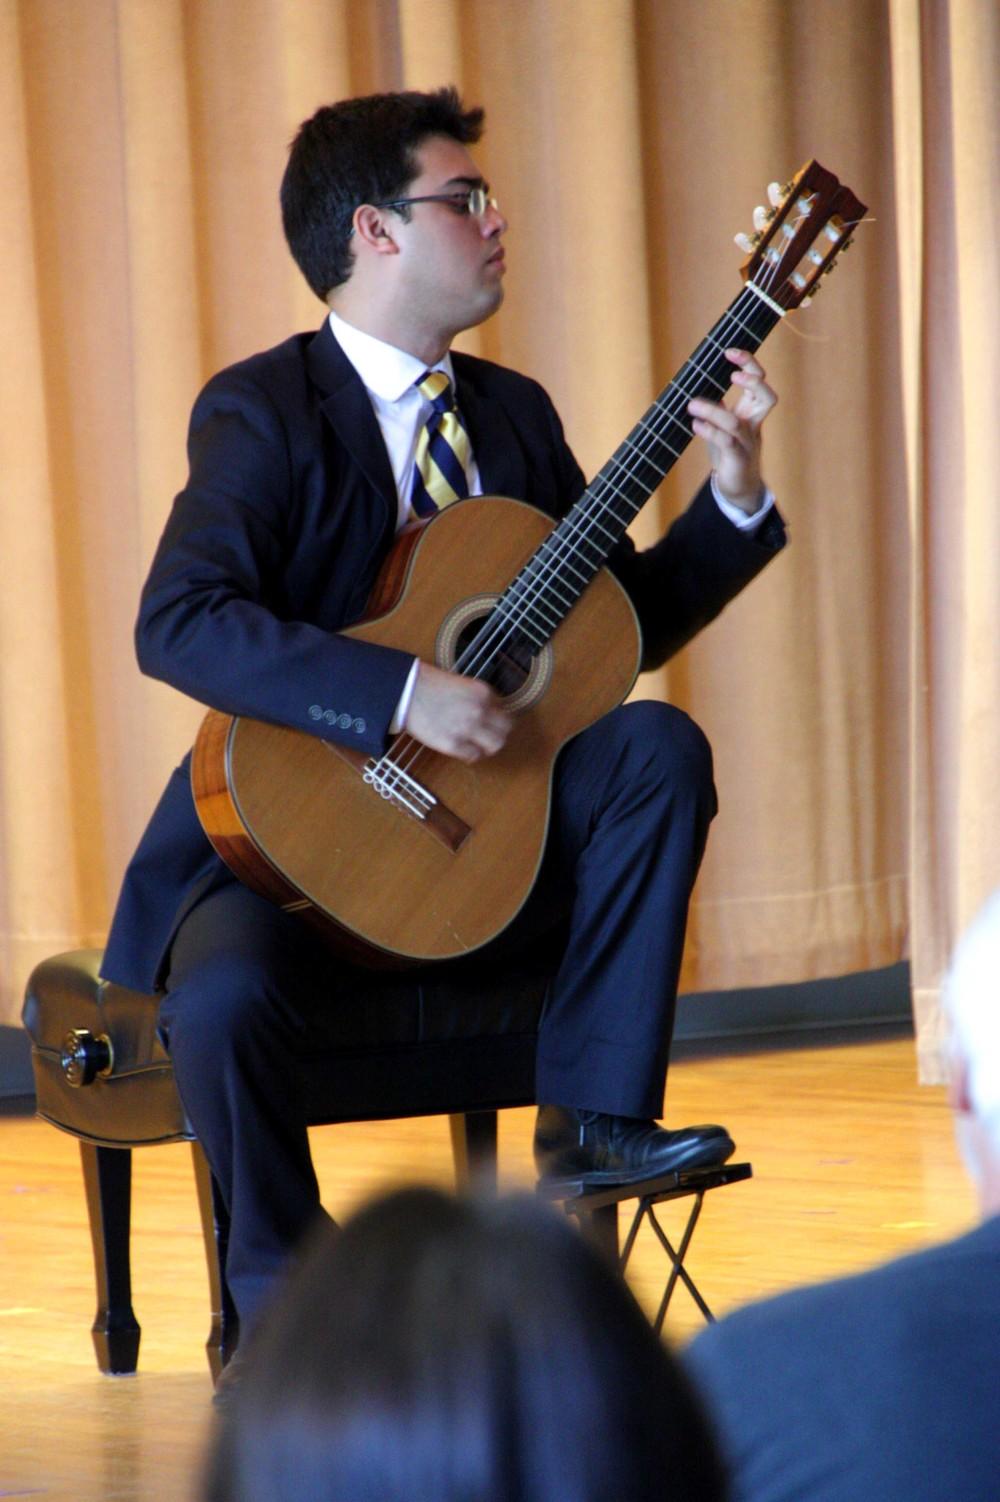 Pierre Ferreyra-Mansilla